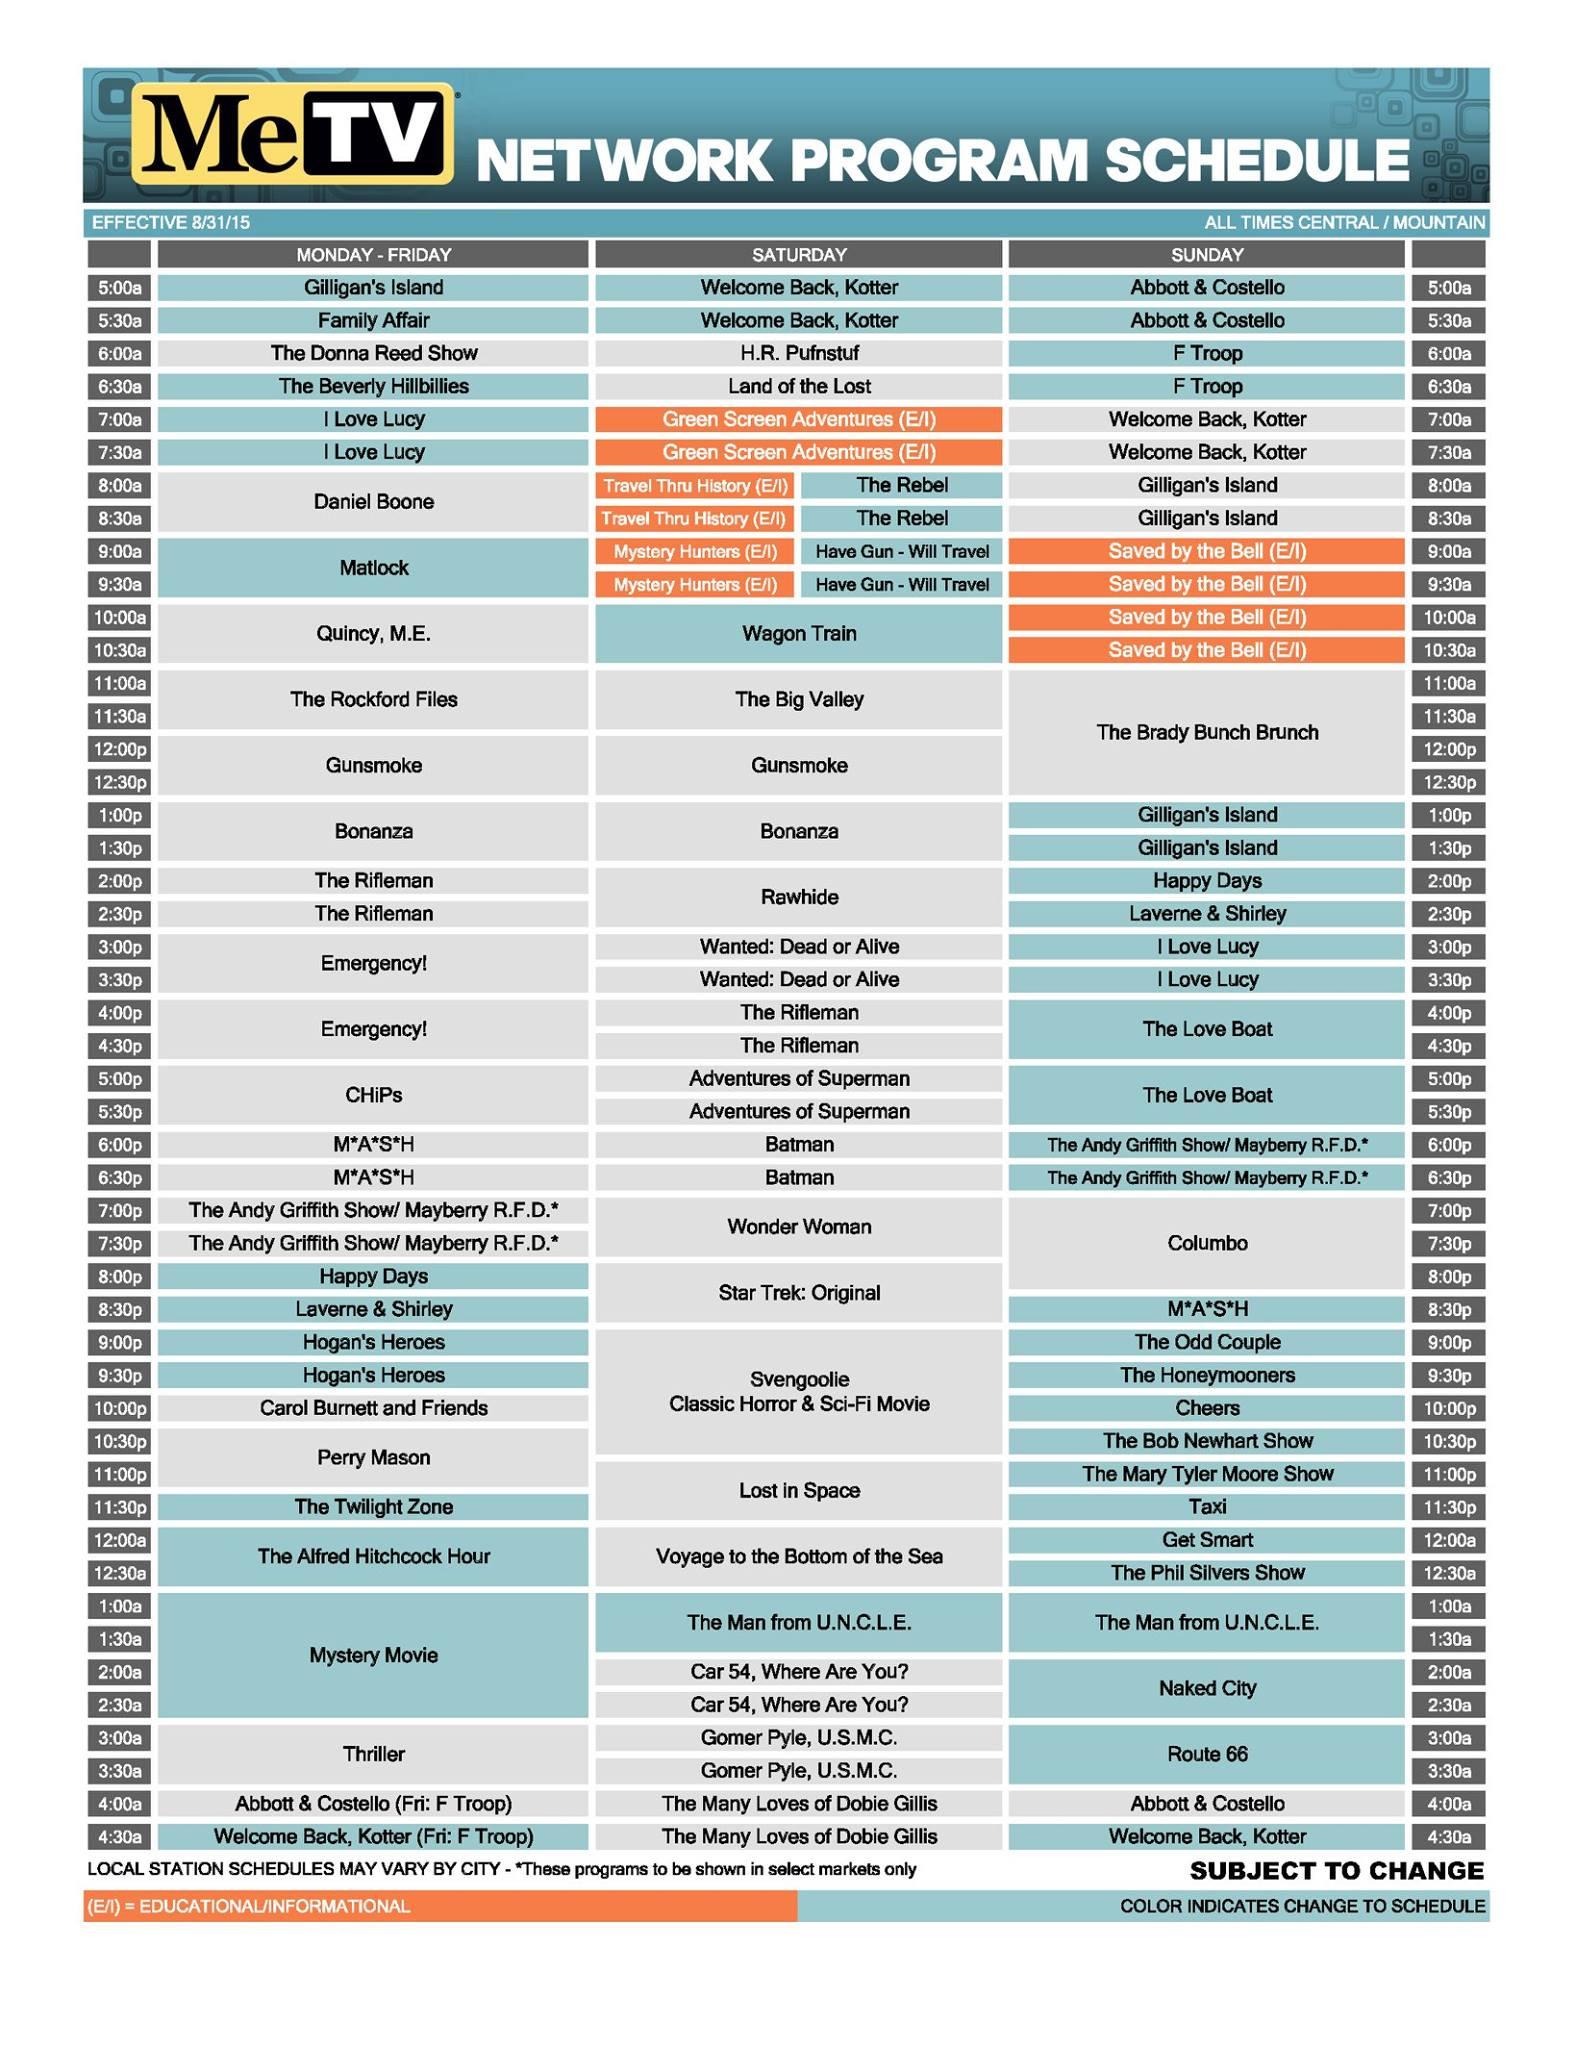 Summer Schedule To Keep Kids Activ